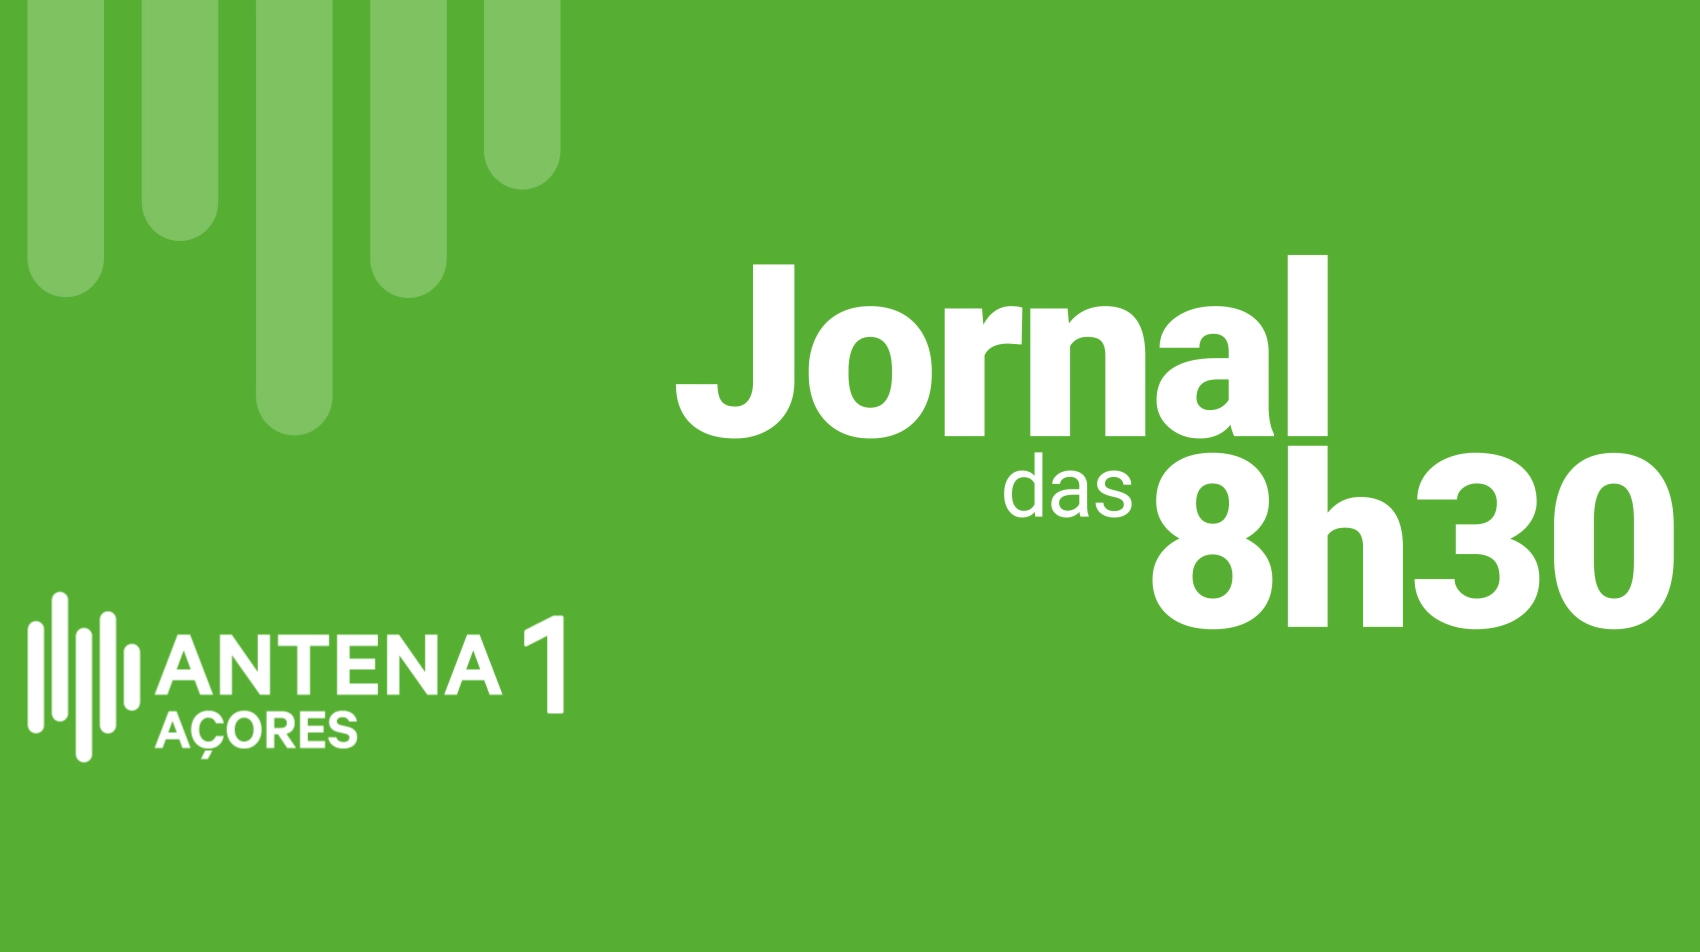 Jornal das 8h30 (Açores)